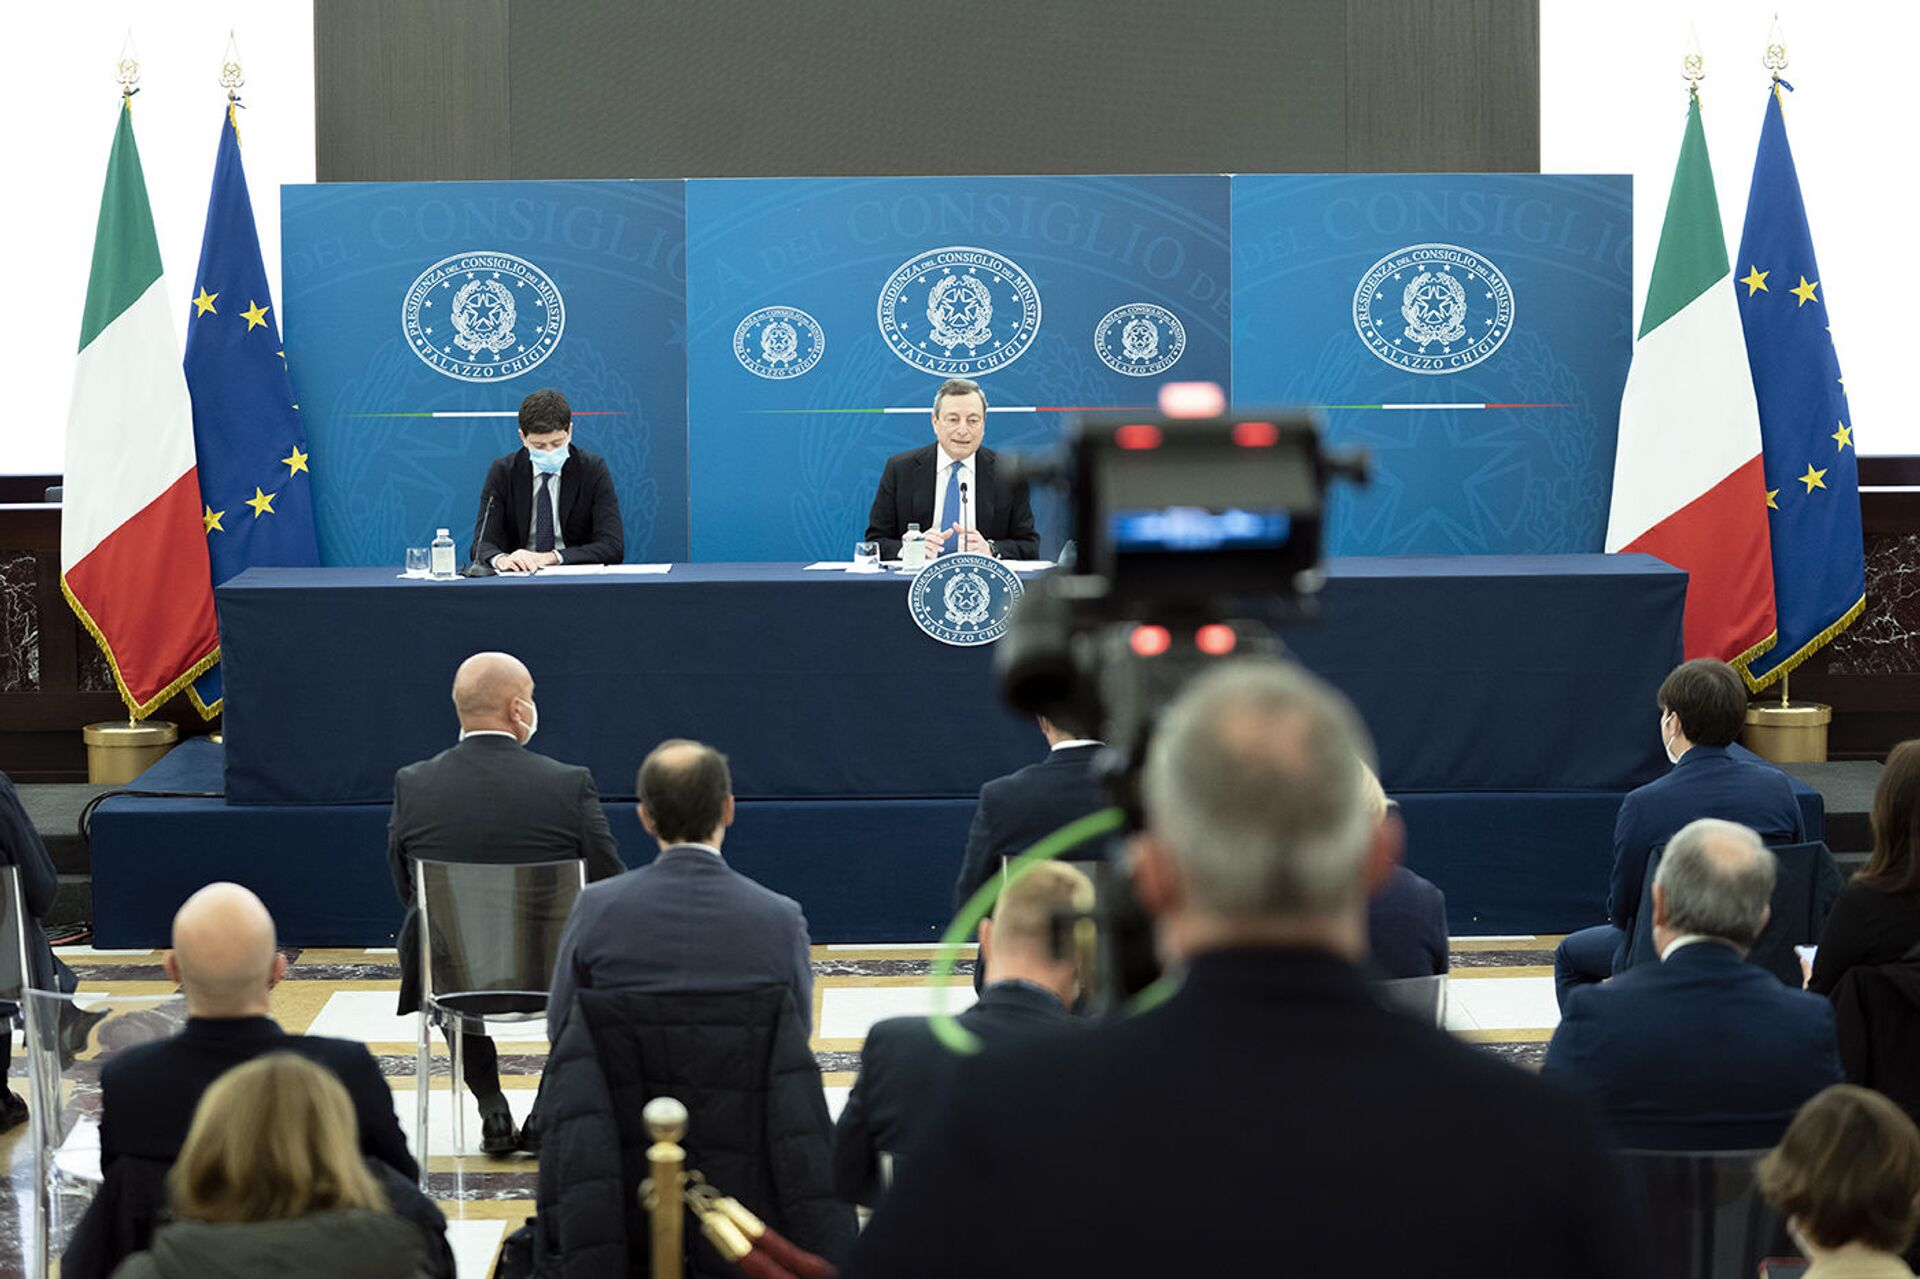 Il premier Draghi in conferenza stampa - Sputnik Italia, 1920, 18.05.2021